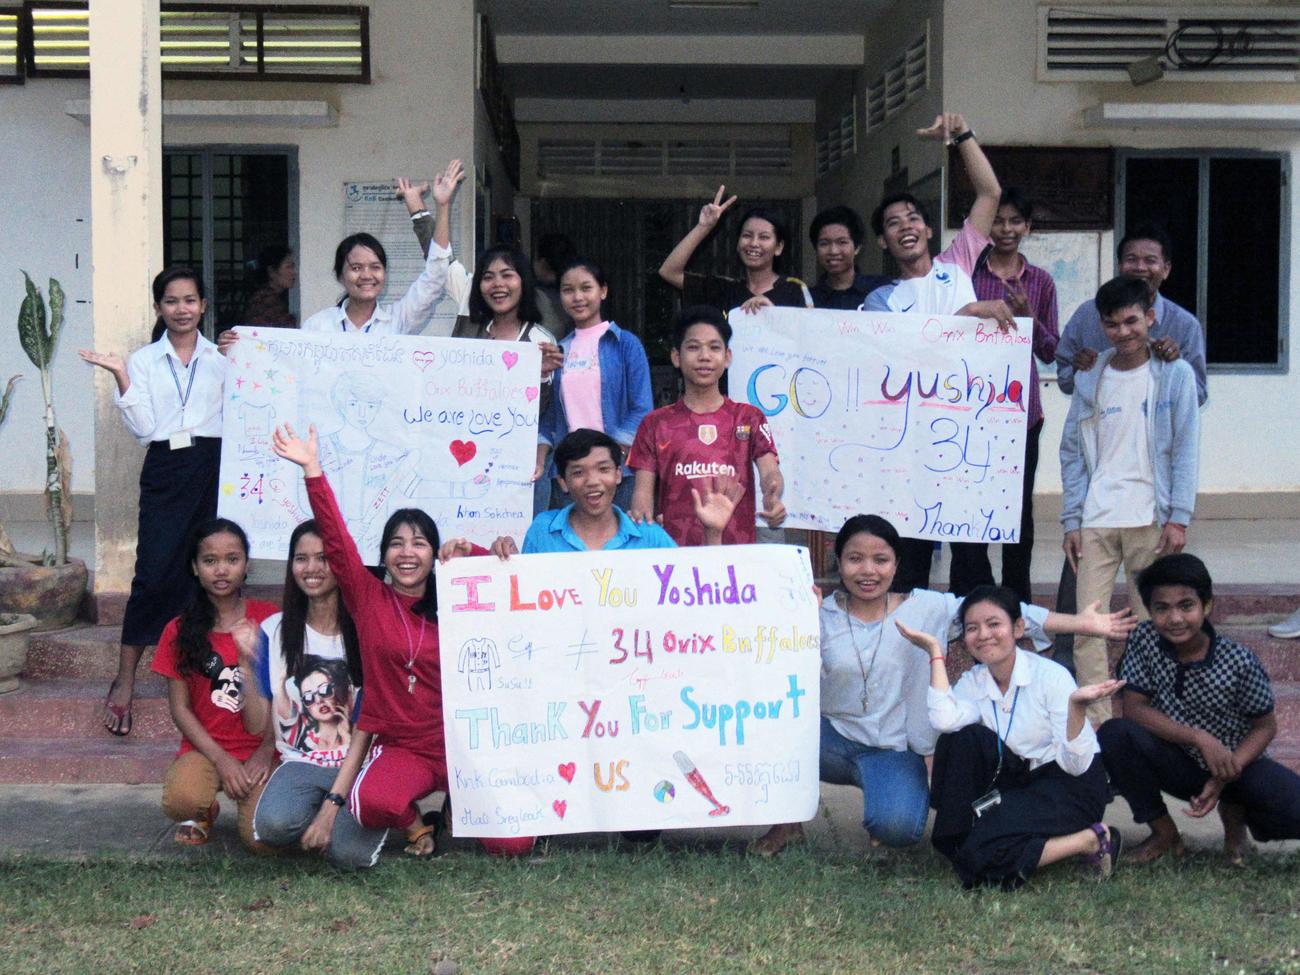 カンボジア・バッタンバン州で共同生活する子どもたちは吉田選手に向けて応援メッセージを送る(写真提供・国境なき子どもたち)